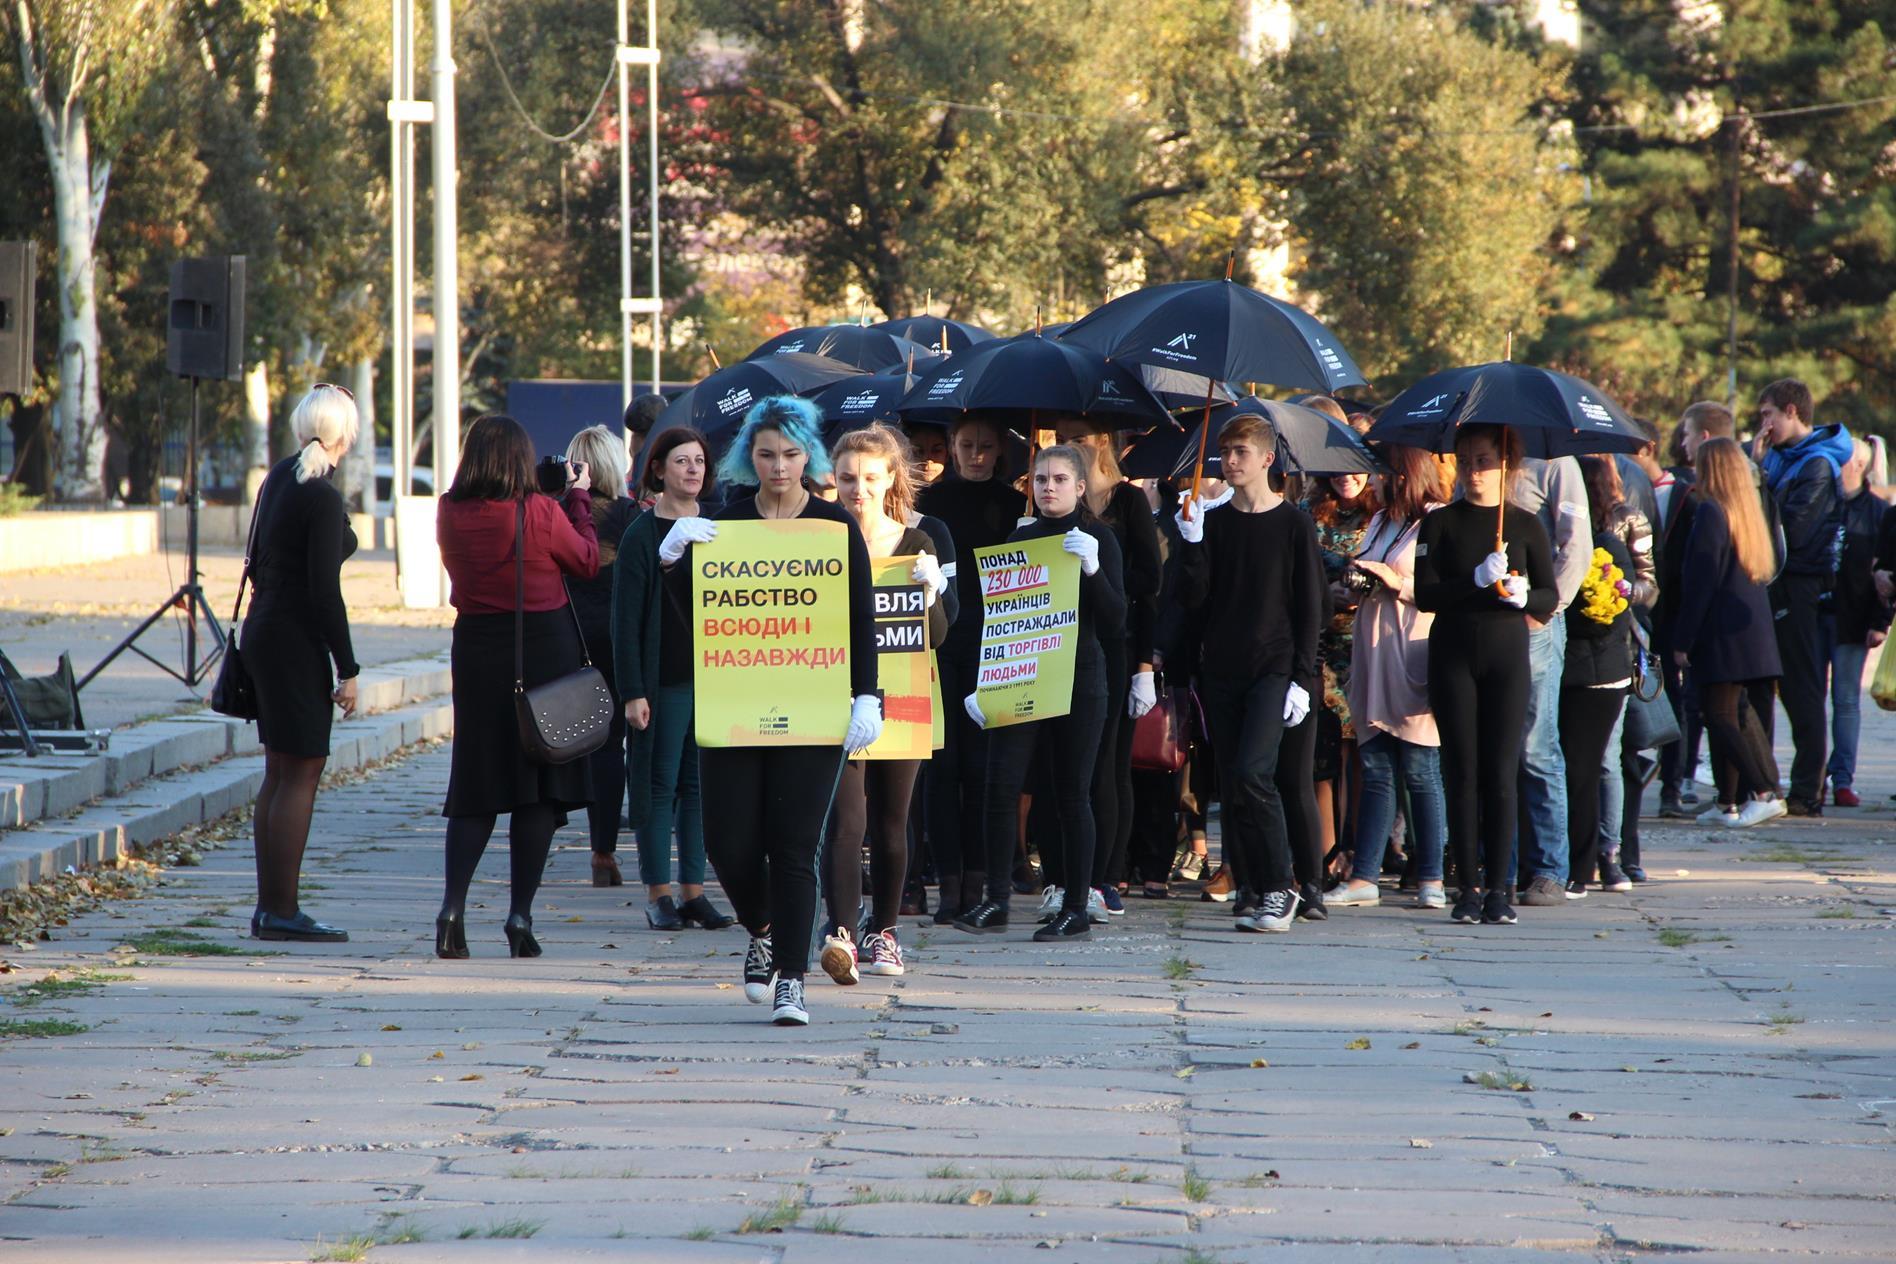 Жители Запорожья вышли на молчаливое шествие против торговли людьми - ФОТО